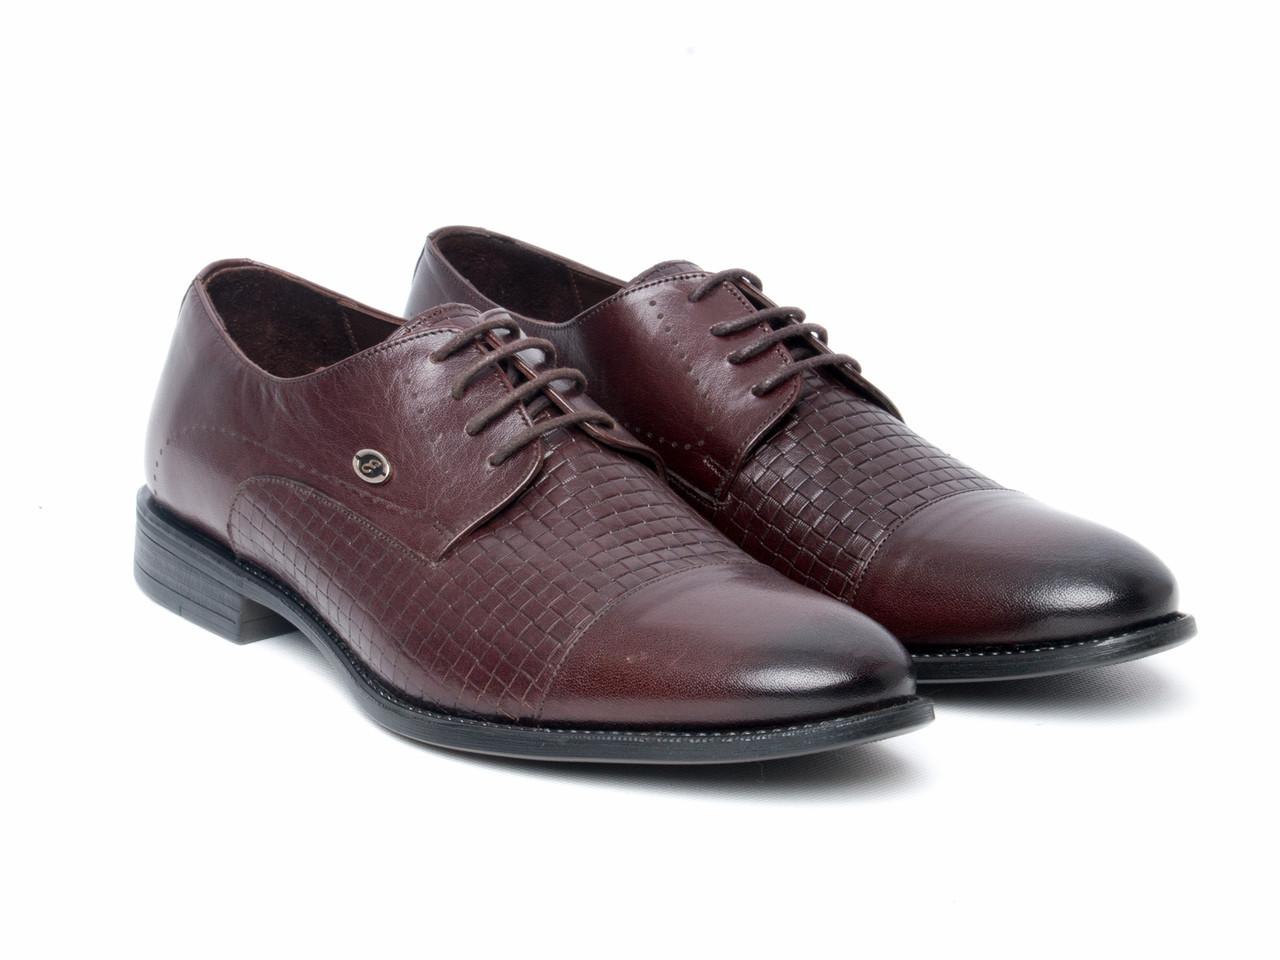 Туфли Etor 13665-7257-636-163 43 коричневые